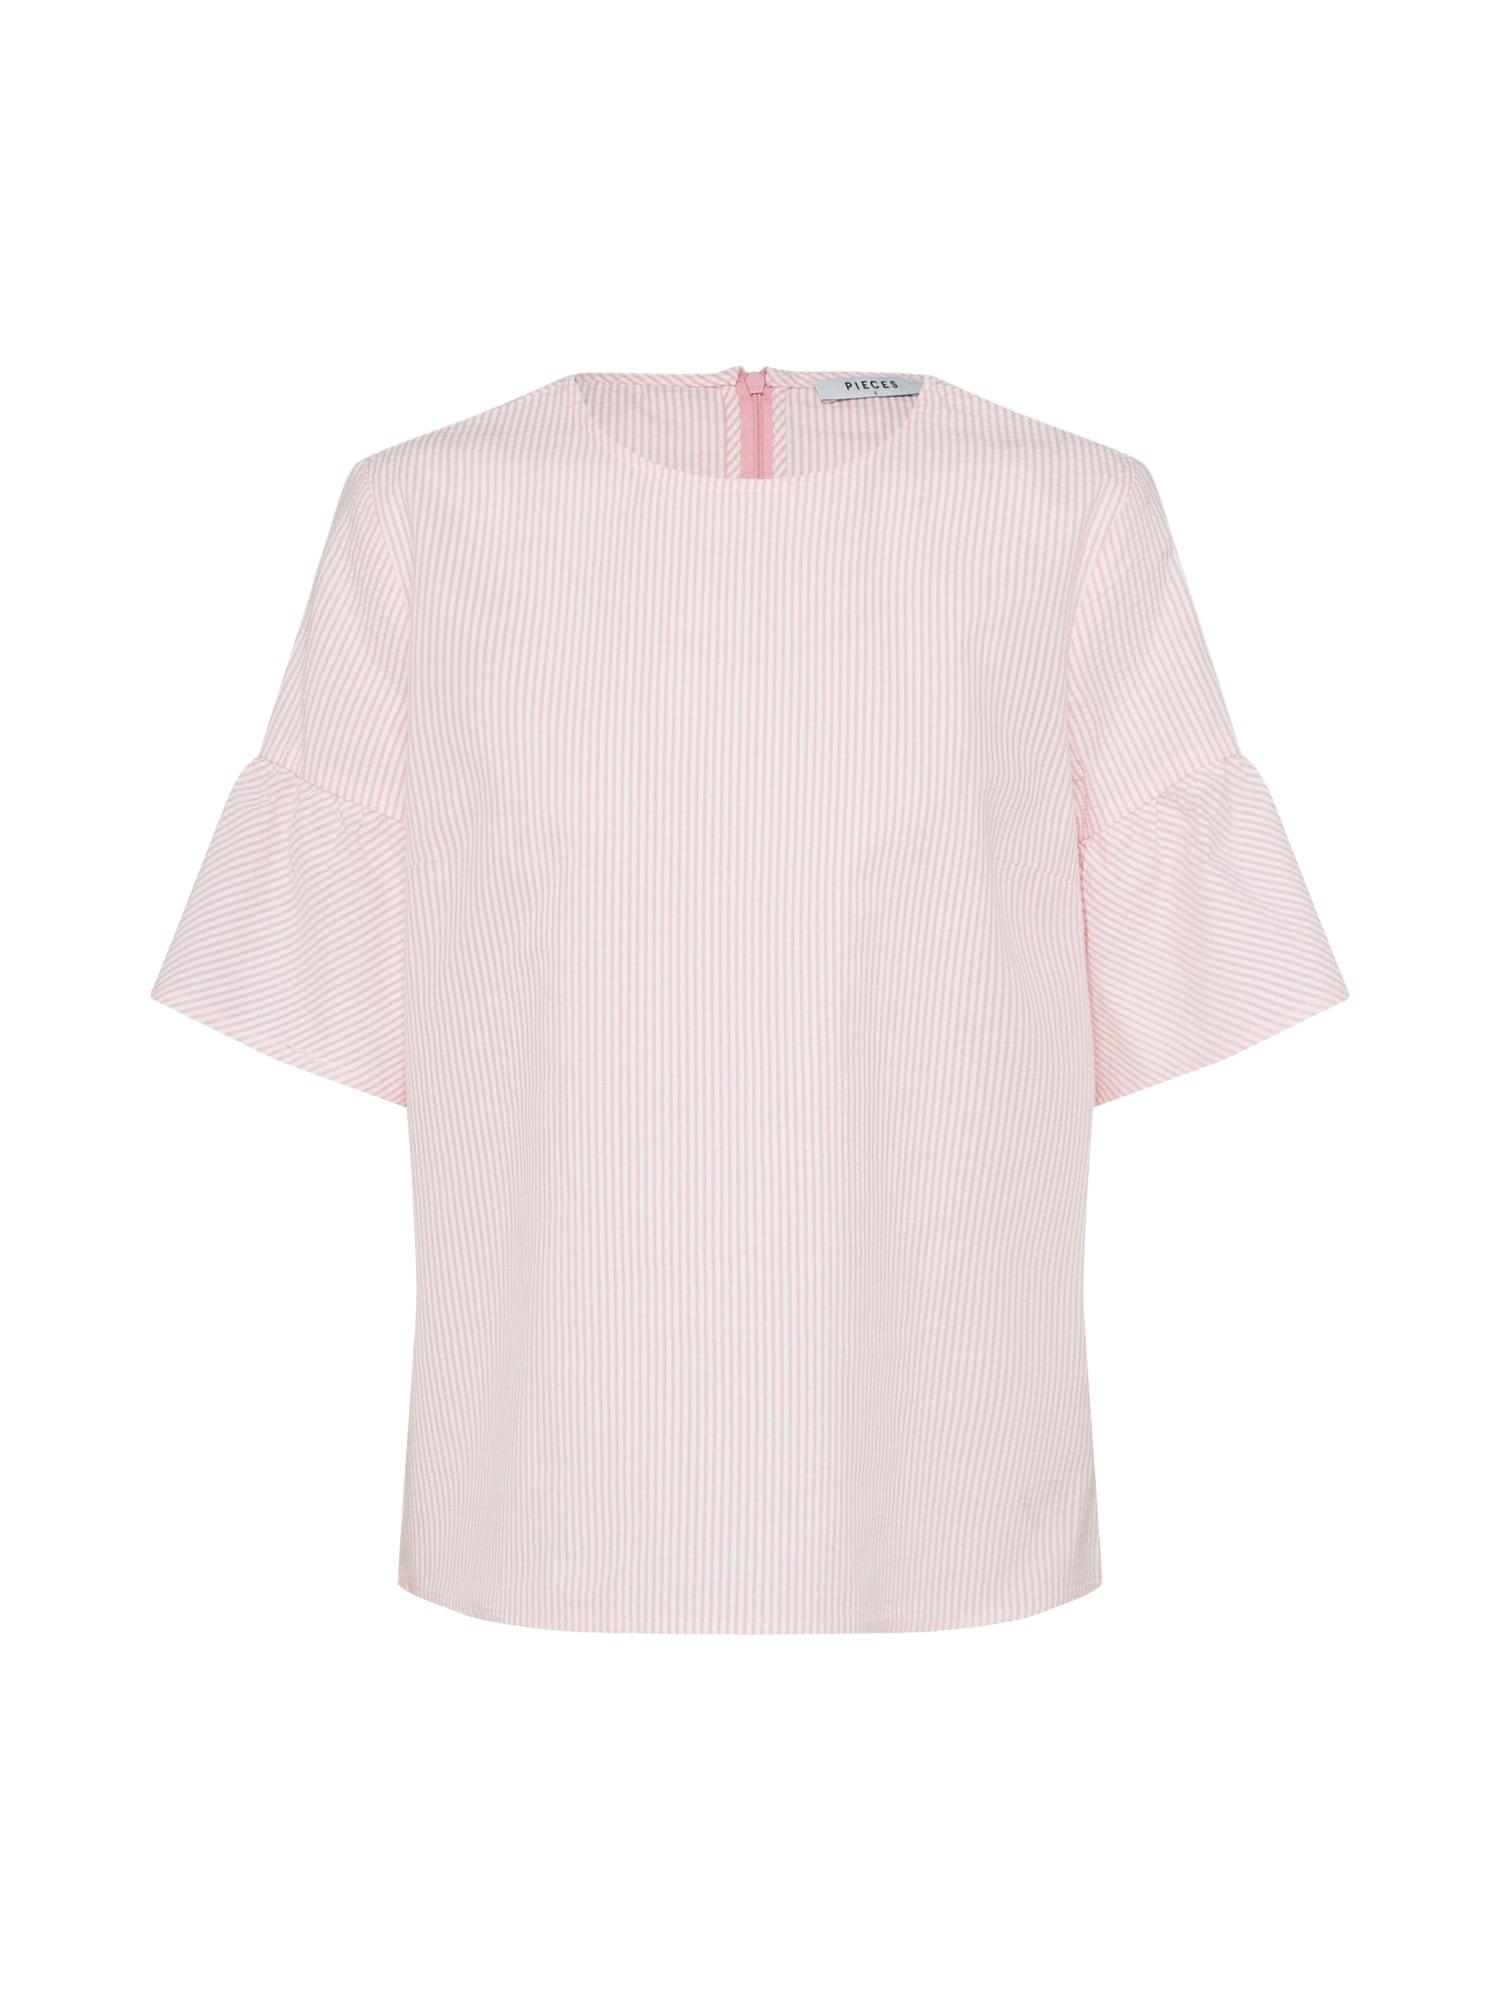 Halenka MIRA pink bílá PIECES